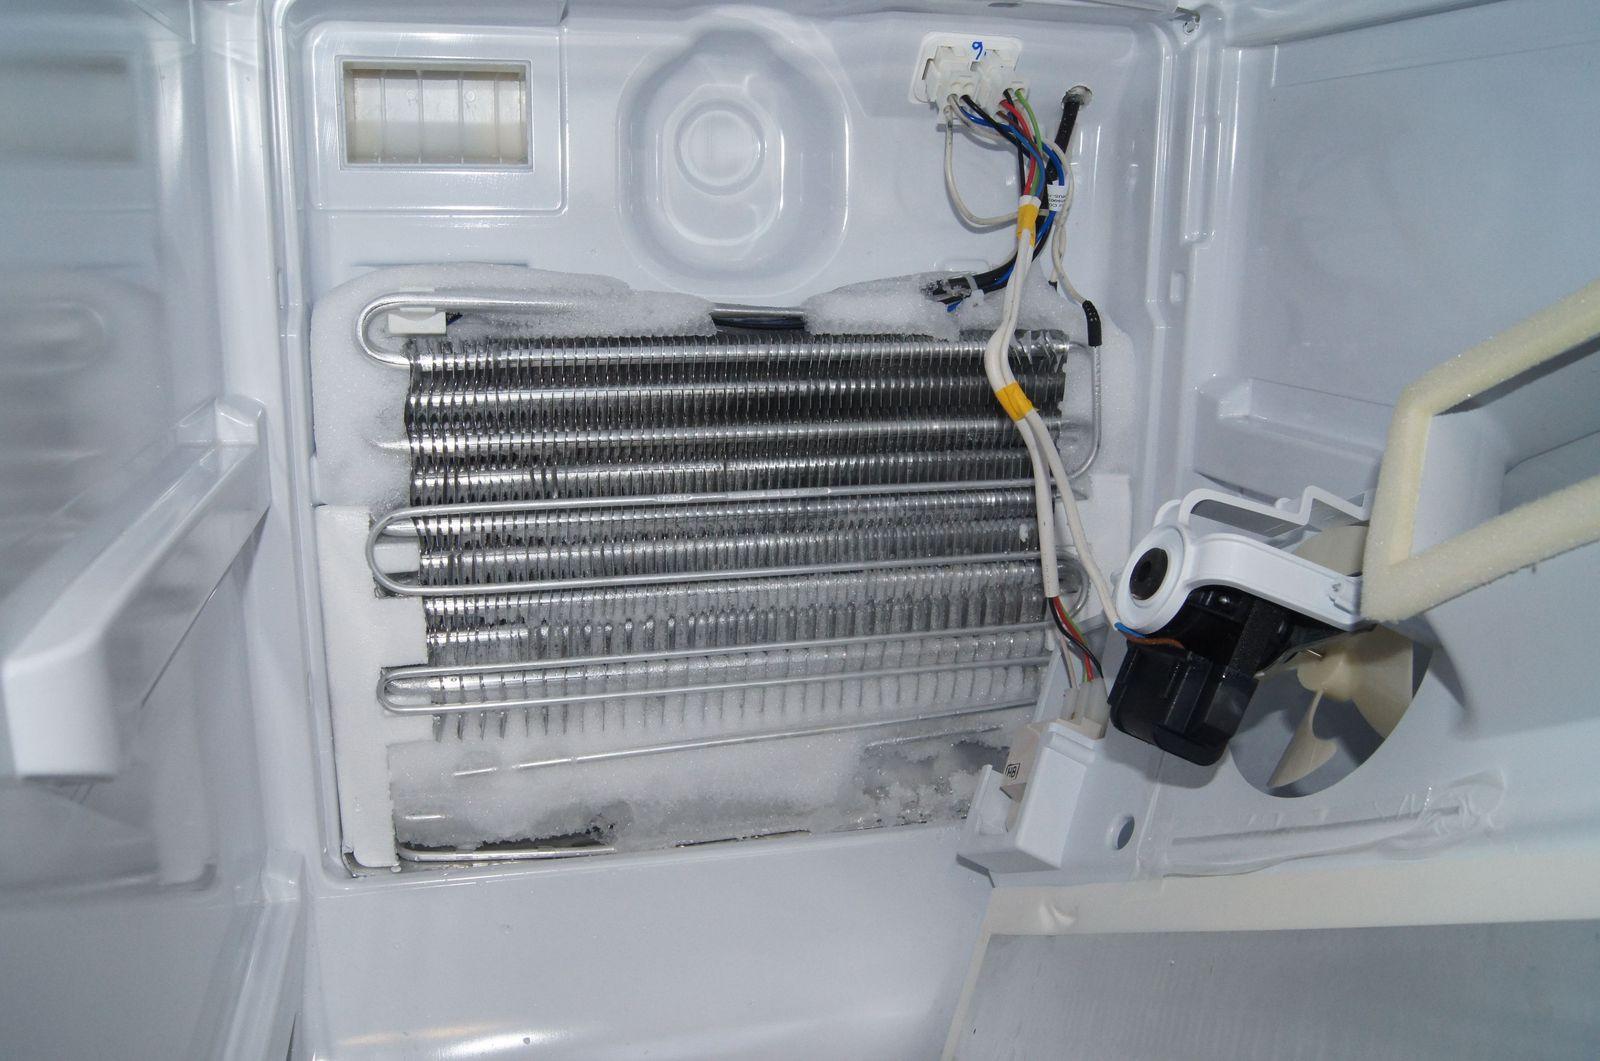 Морозильная камера не морозит или плохо морозит - причина и рекомендации специалистов по устранению проблем